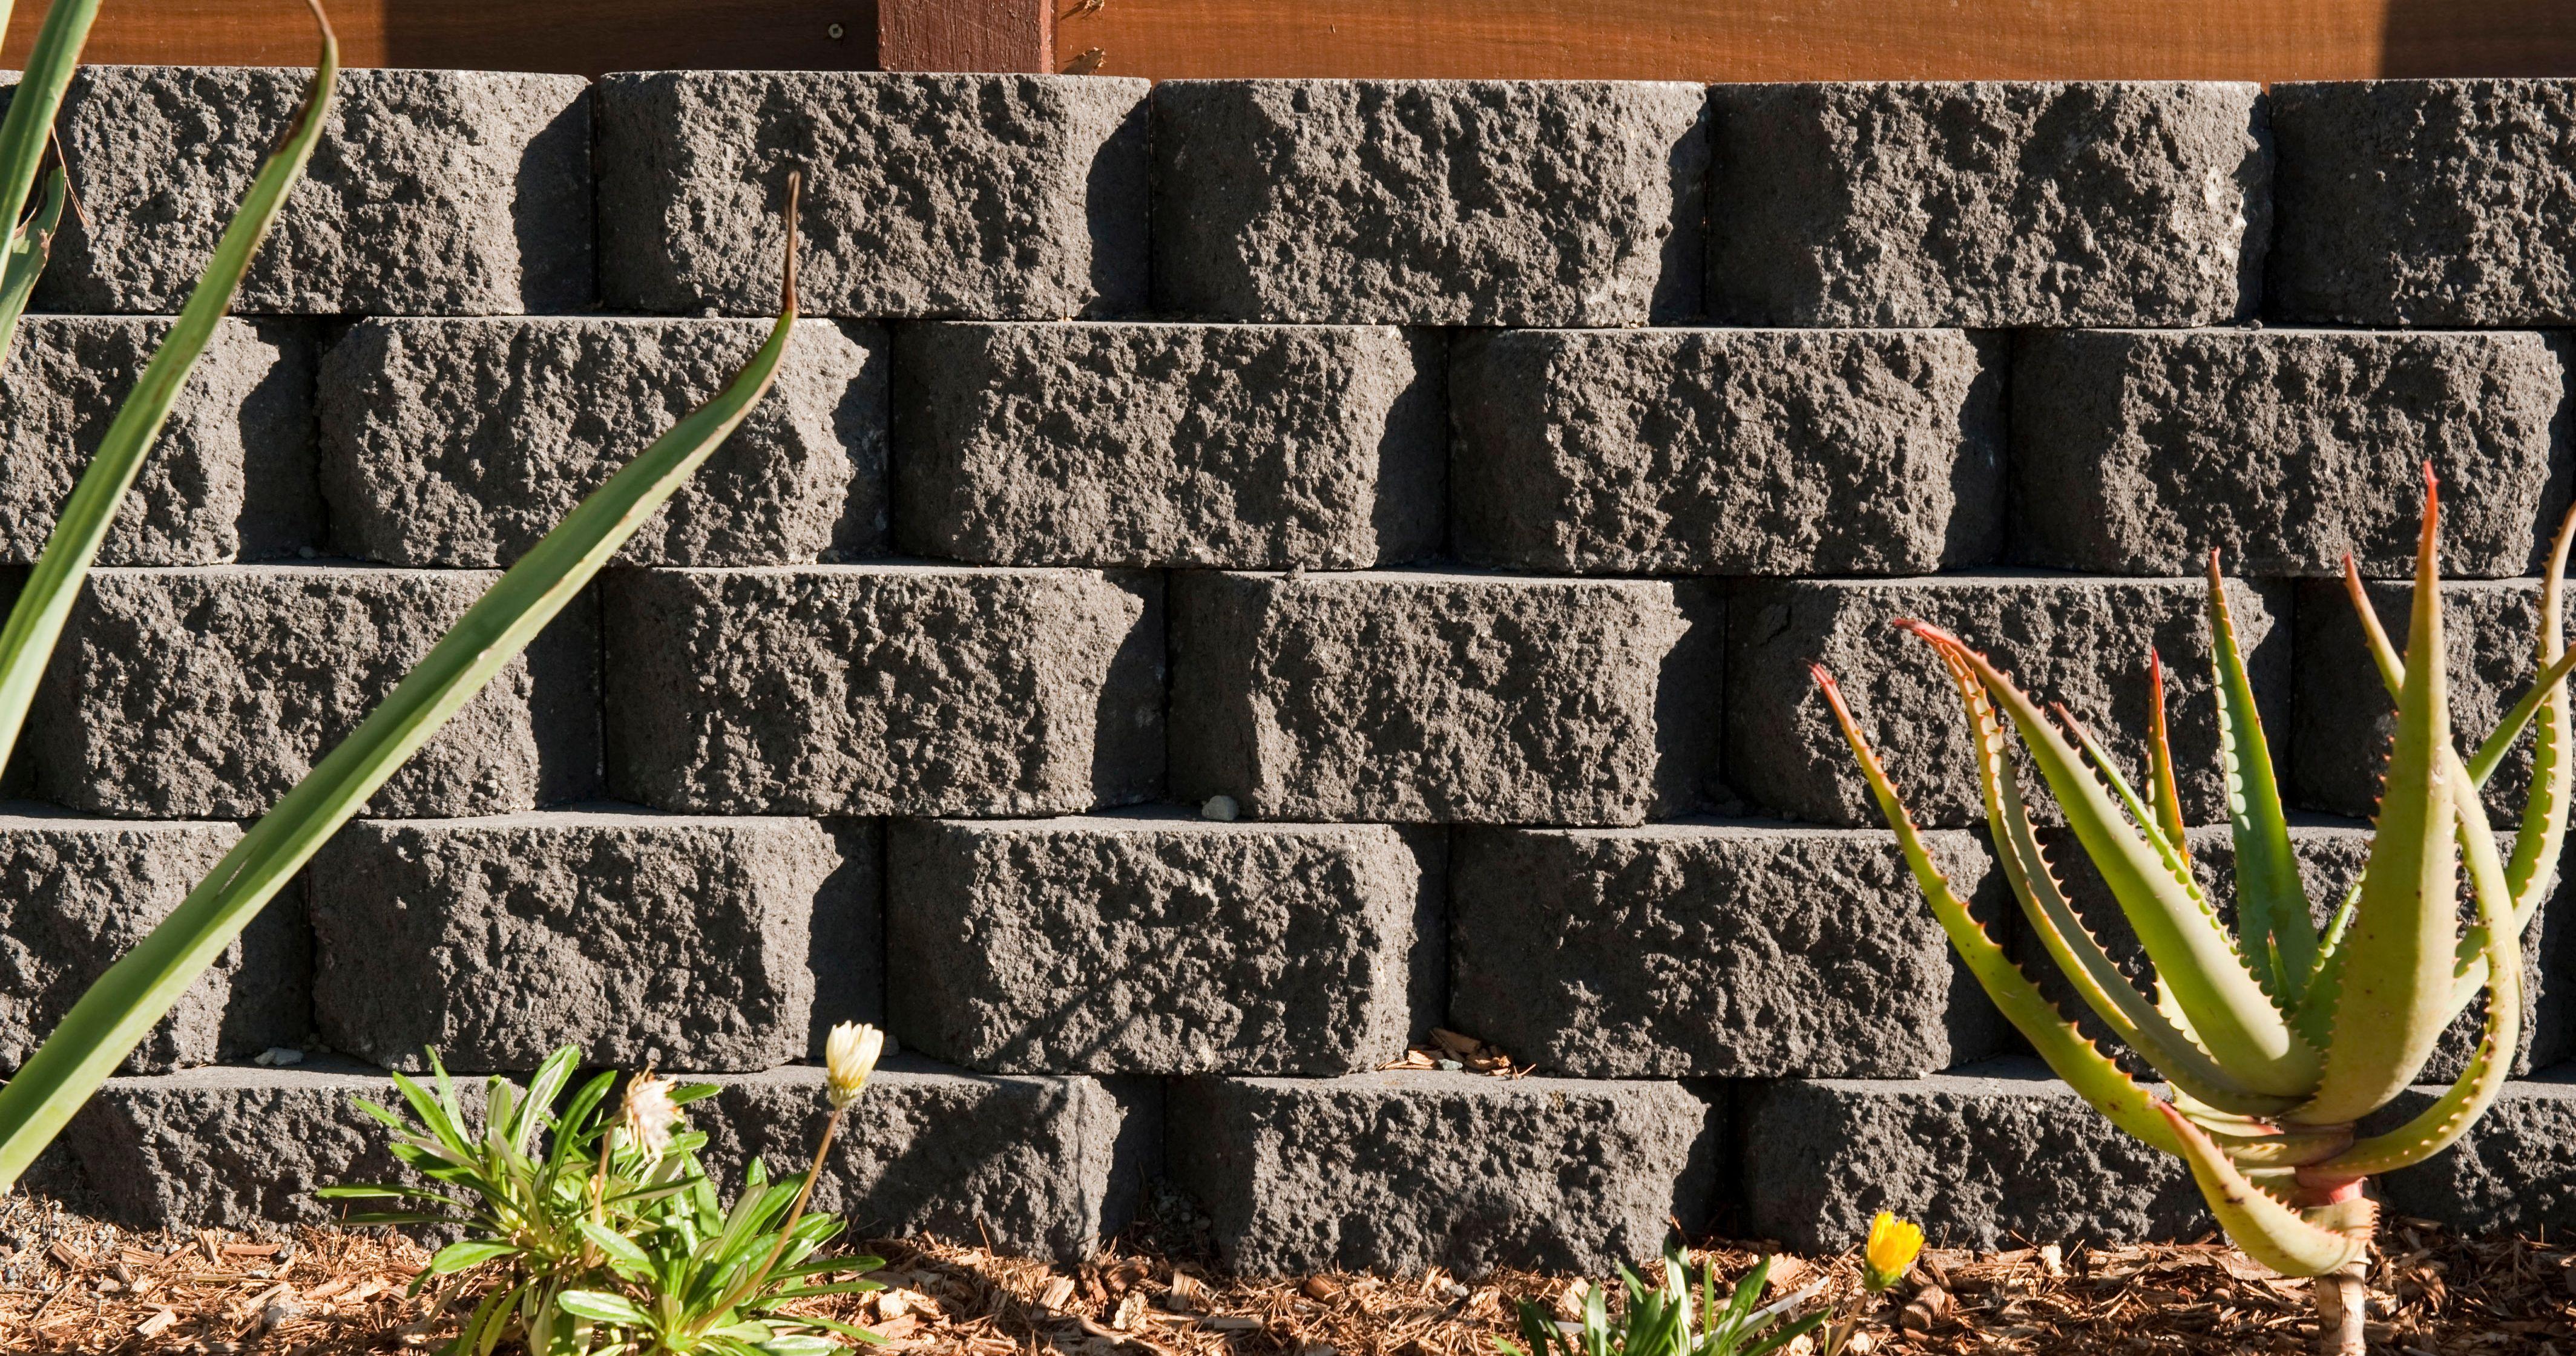 Gardenwall Retaining Wall Blocks Interlinking Blocks Makes Diy Easy In 2020 Retaining Wall Retaining Wall Blocks Landscaping Supplies